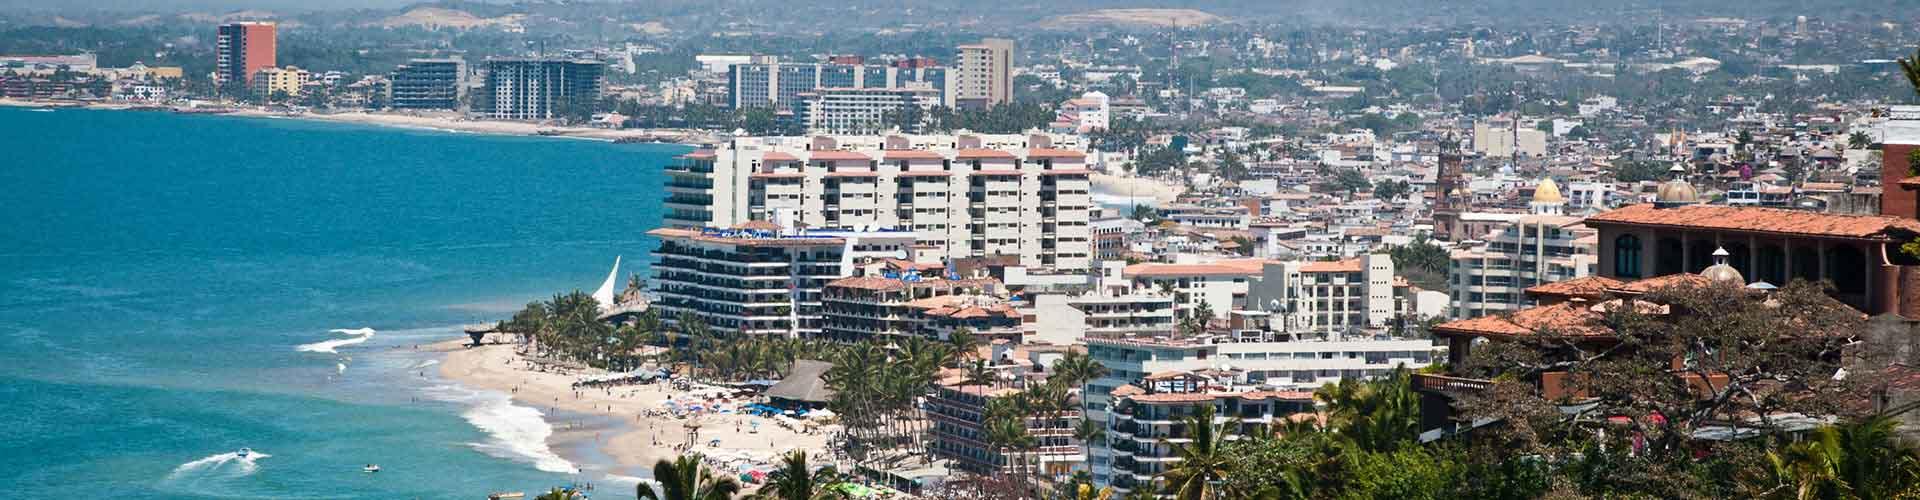 멕시코 시티 - 멕시코 시티에 있는 호스텔. 멕시코 시티의 지도, 멕시코 시티에 위치한 호스텔 사진 및 후기 정보.